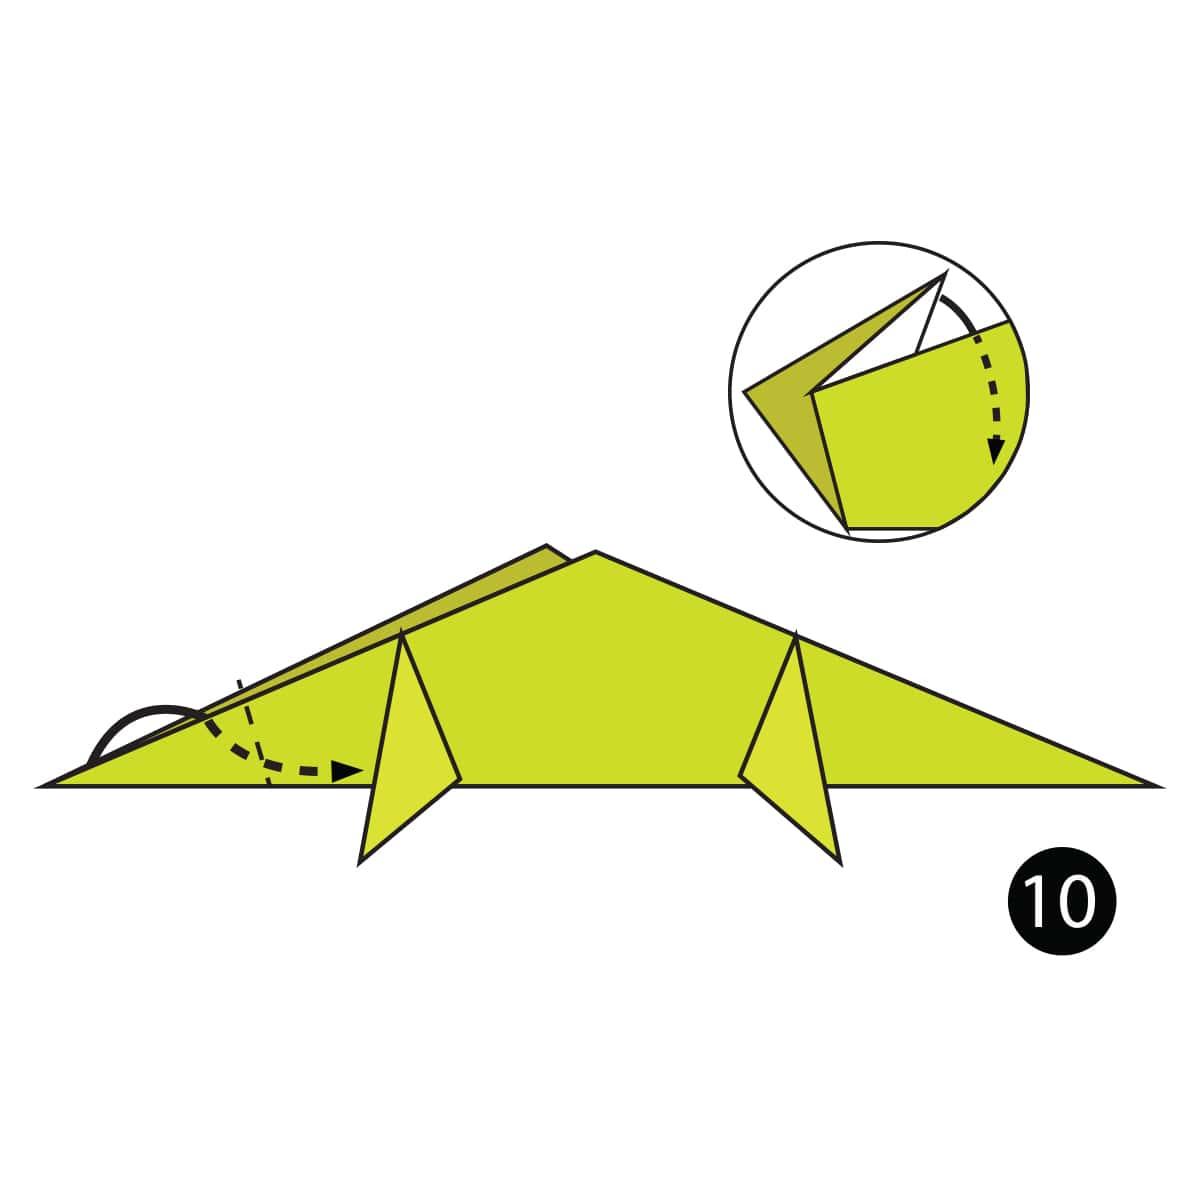 Chameleon Step 10